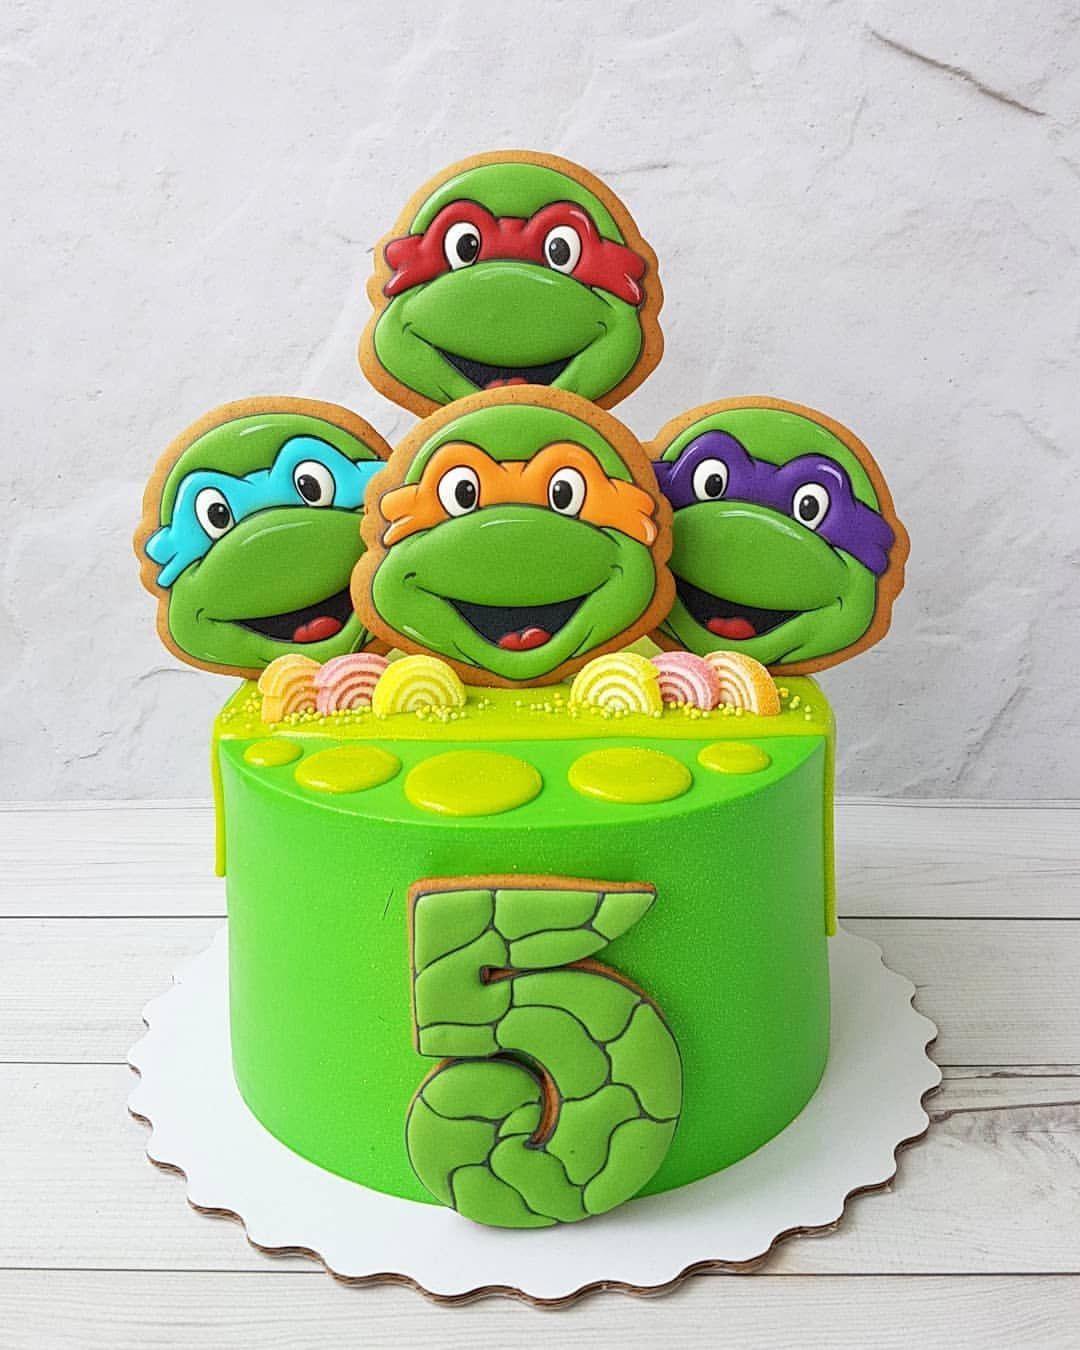 Do 12 08 Zakazy Ne Prinimayu Pryanichki Ot Victoriakhvru Dlya Zakaza Pishit Ninja Turtle Birthday Cake Cool Birthday Cakes Birthday Cake Decorating